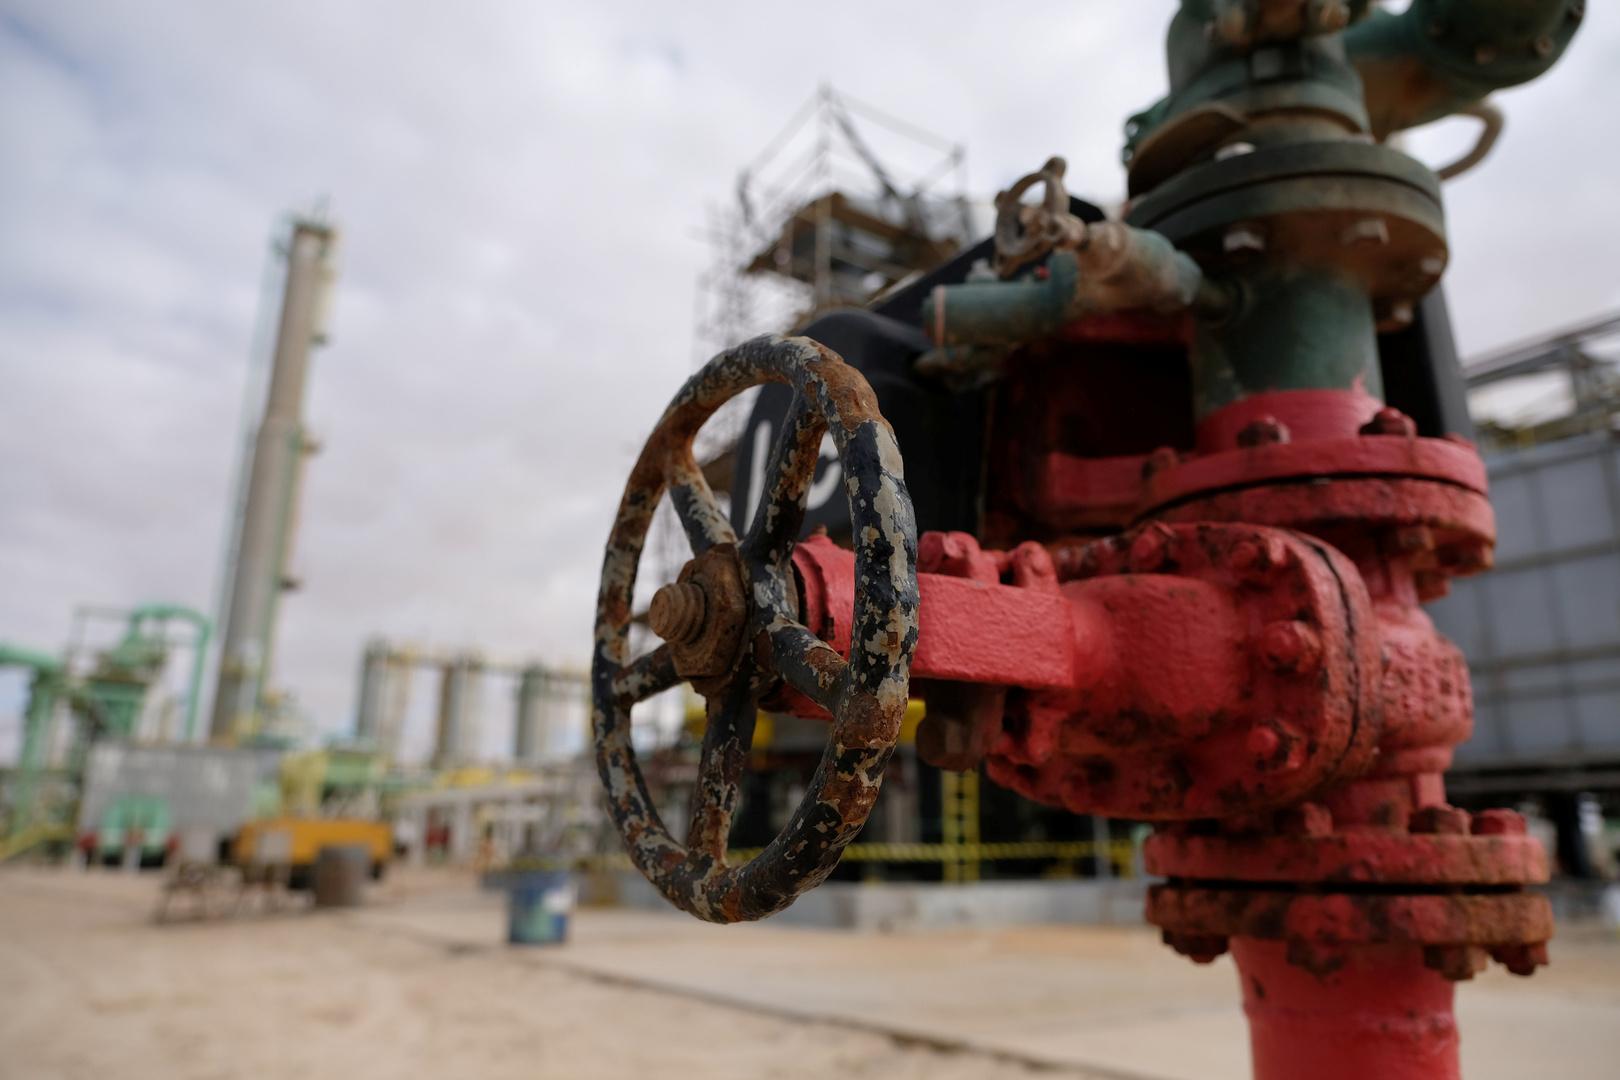 ليبيا.. رفع القوة القاهرة عن صادرات النفط وأول ناقلة تبدأ بالتحميل في السدرة